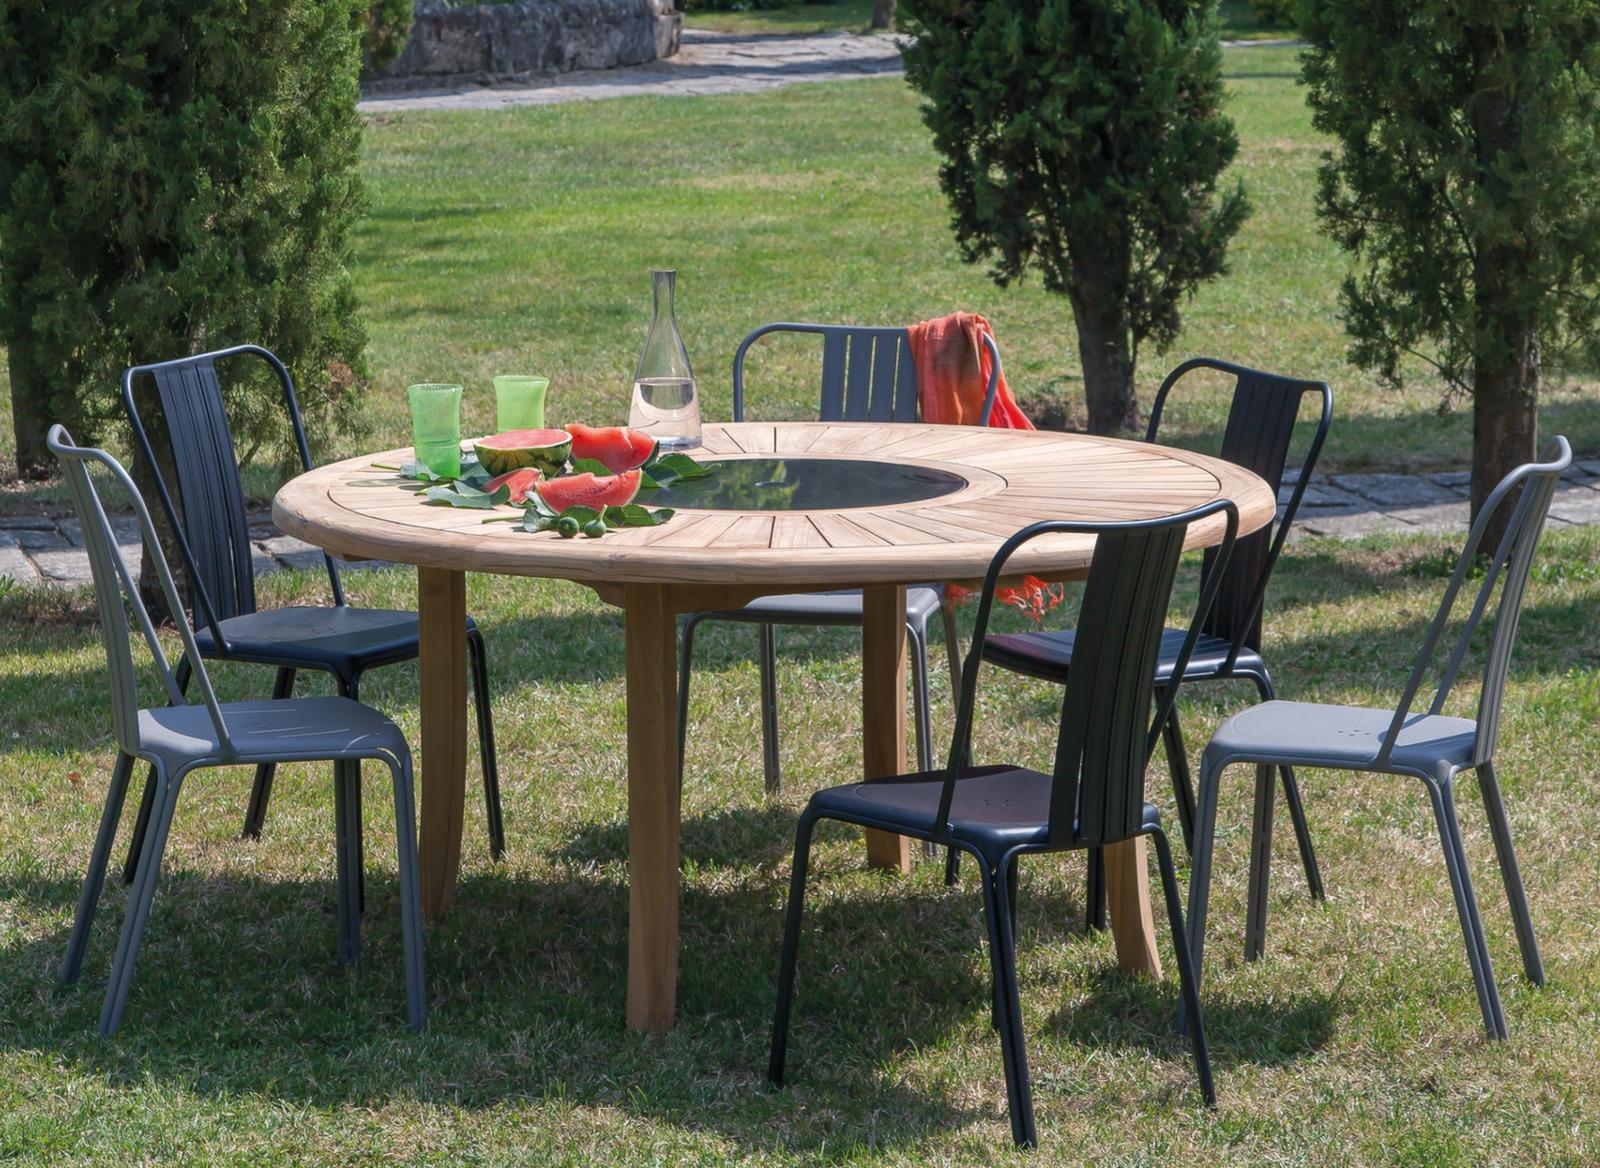 Table de jardin Brehat 155 cm - Mobilier de jardin - Proloisirs